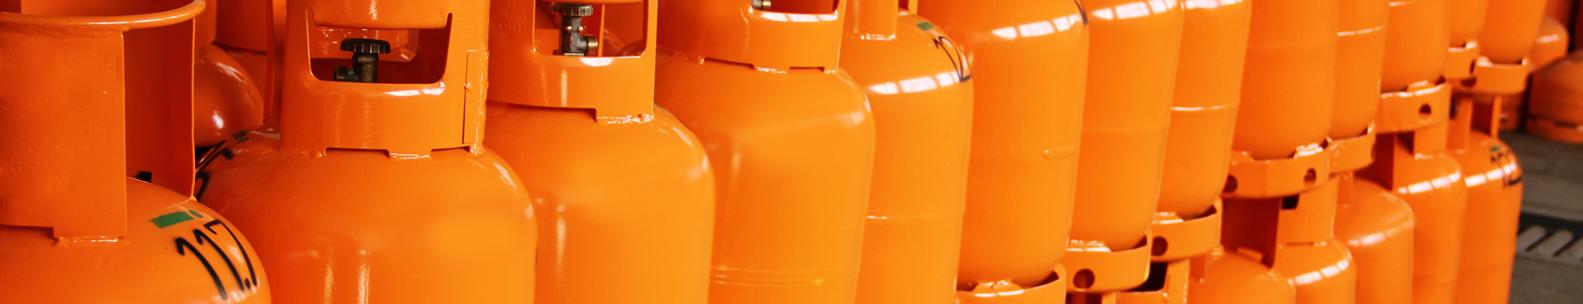 Įvairūs dujų matuokliai